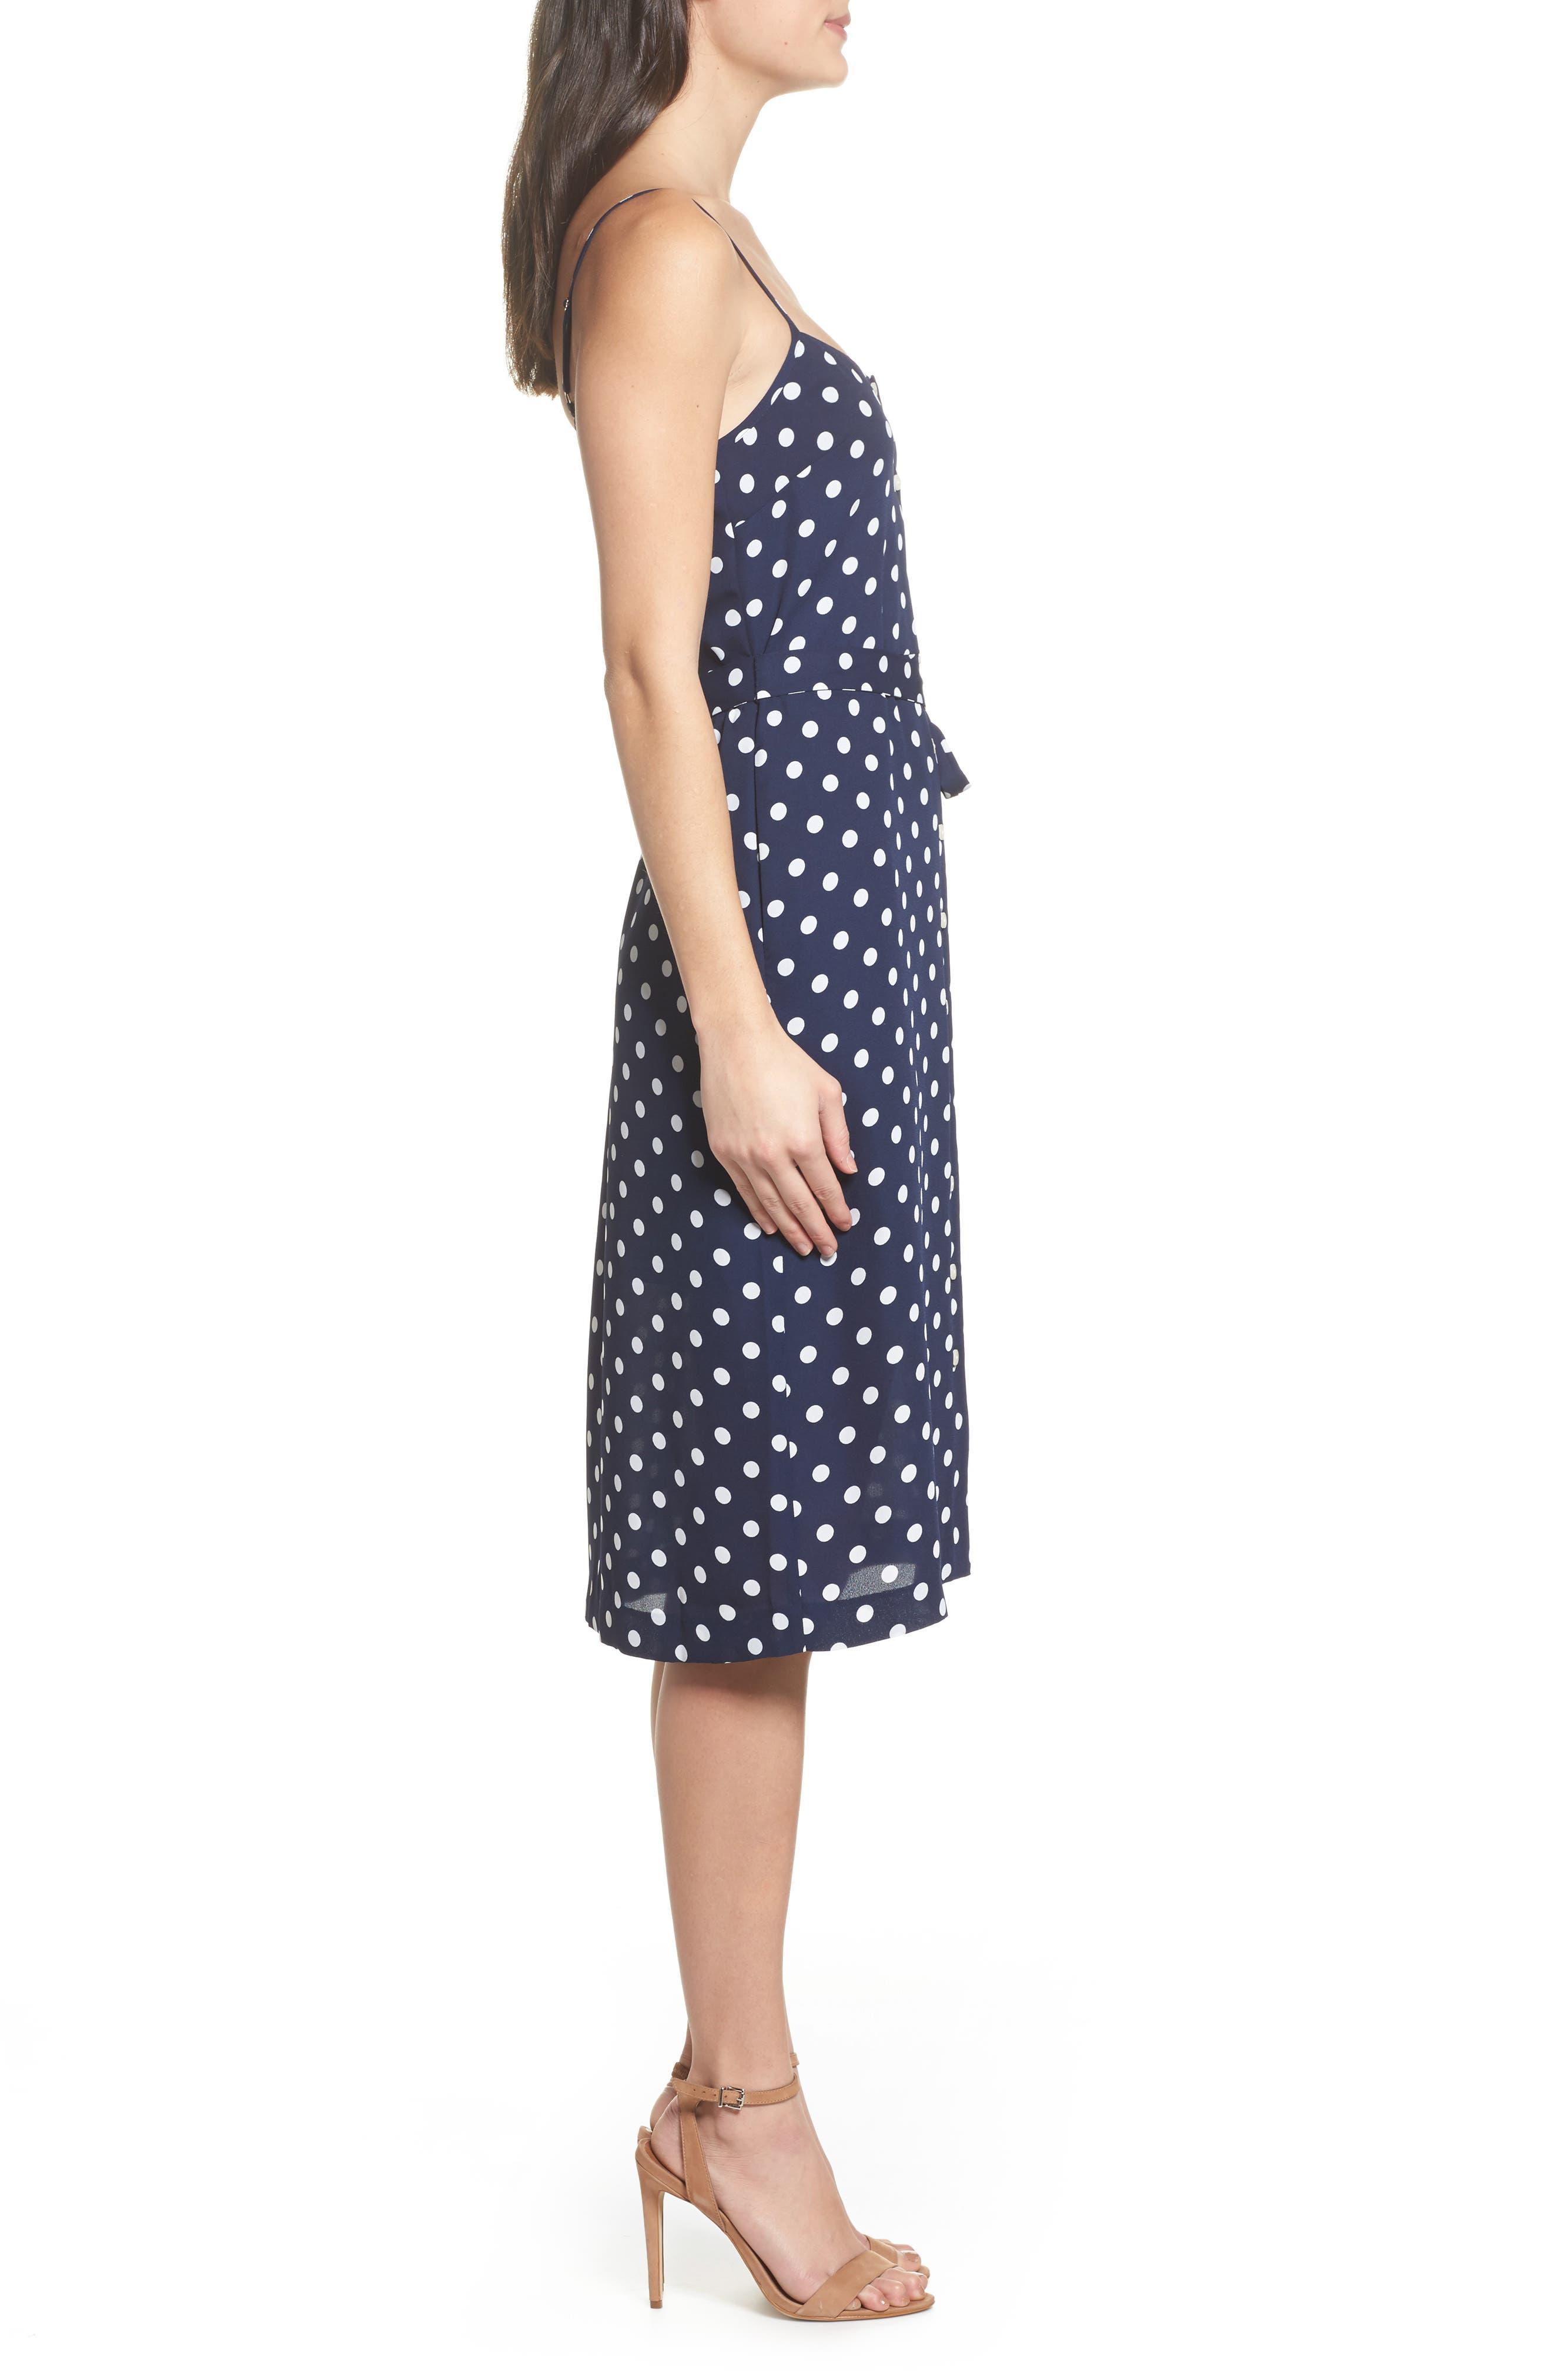 Flower Frolicking Midi Dress,                             Alternate thumbnail 4, color,                             Navy Polka Dot